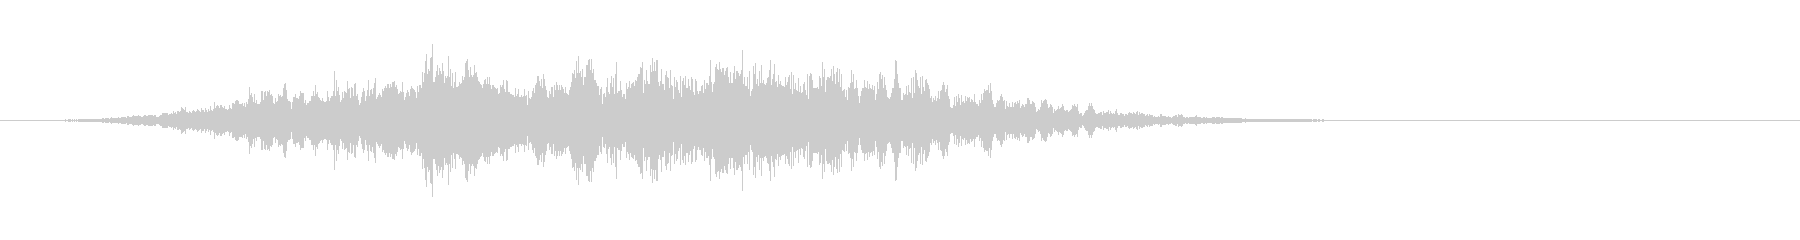 音楽:不気味なオーケストラベルパタ...の未再生の波形